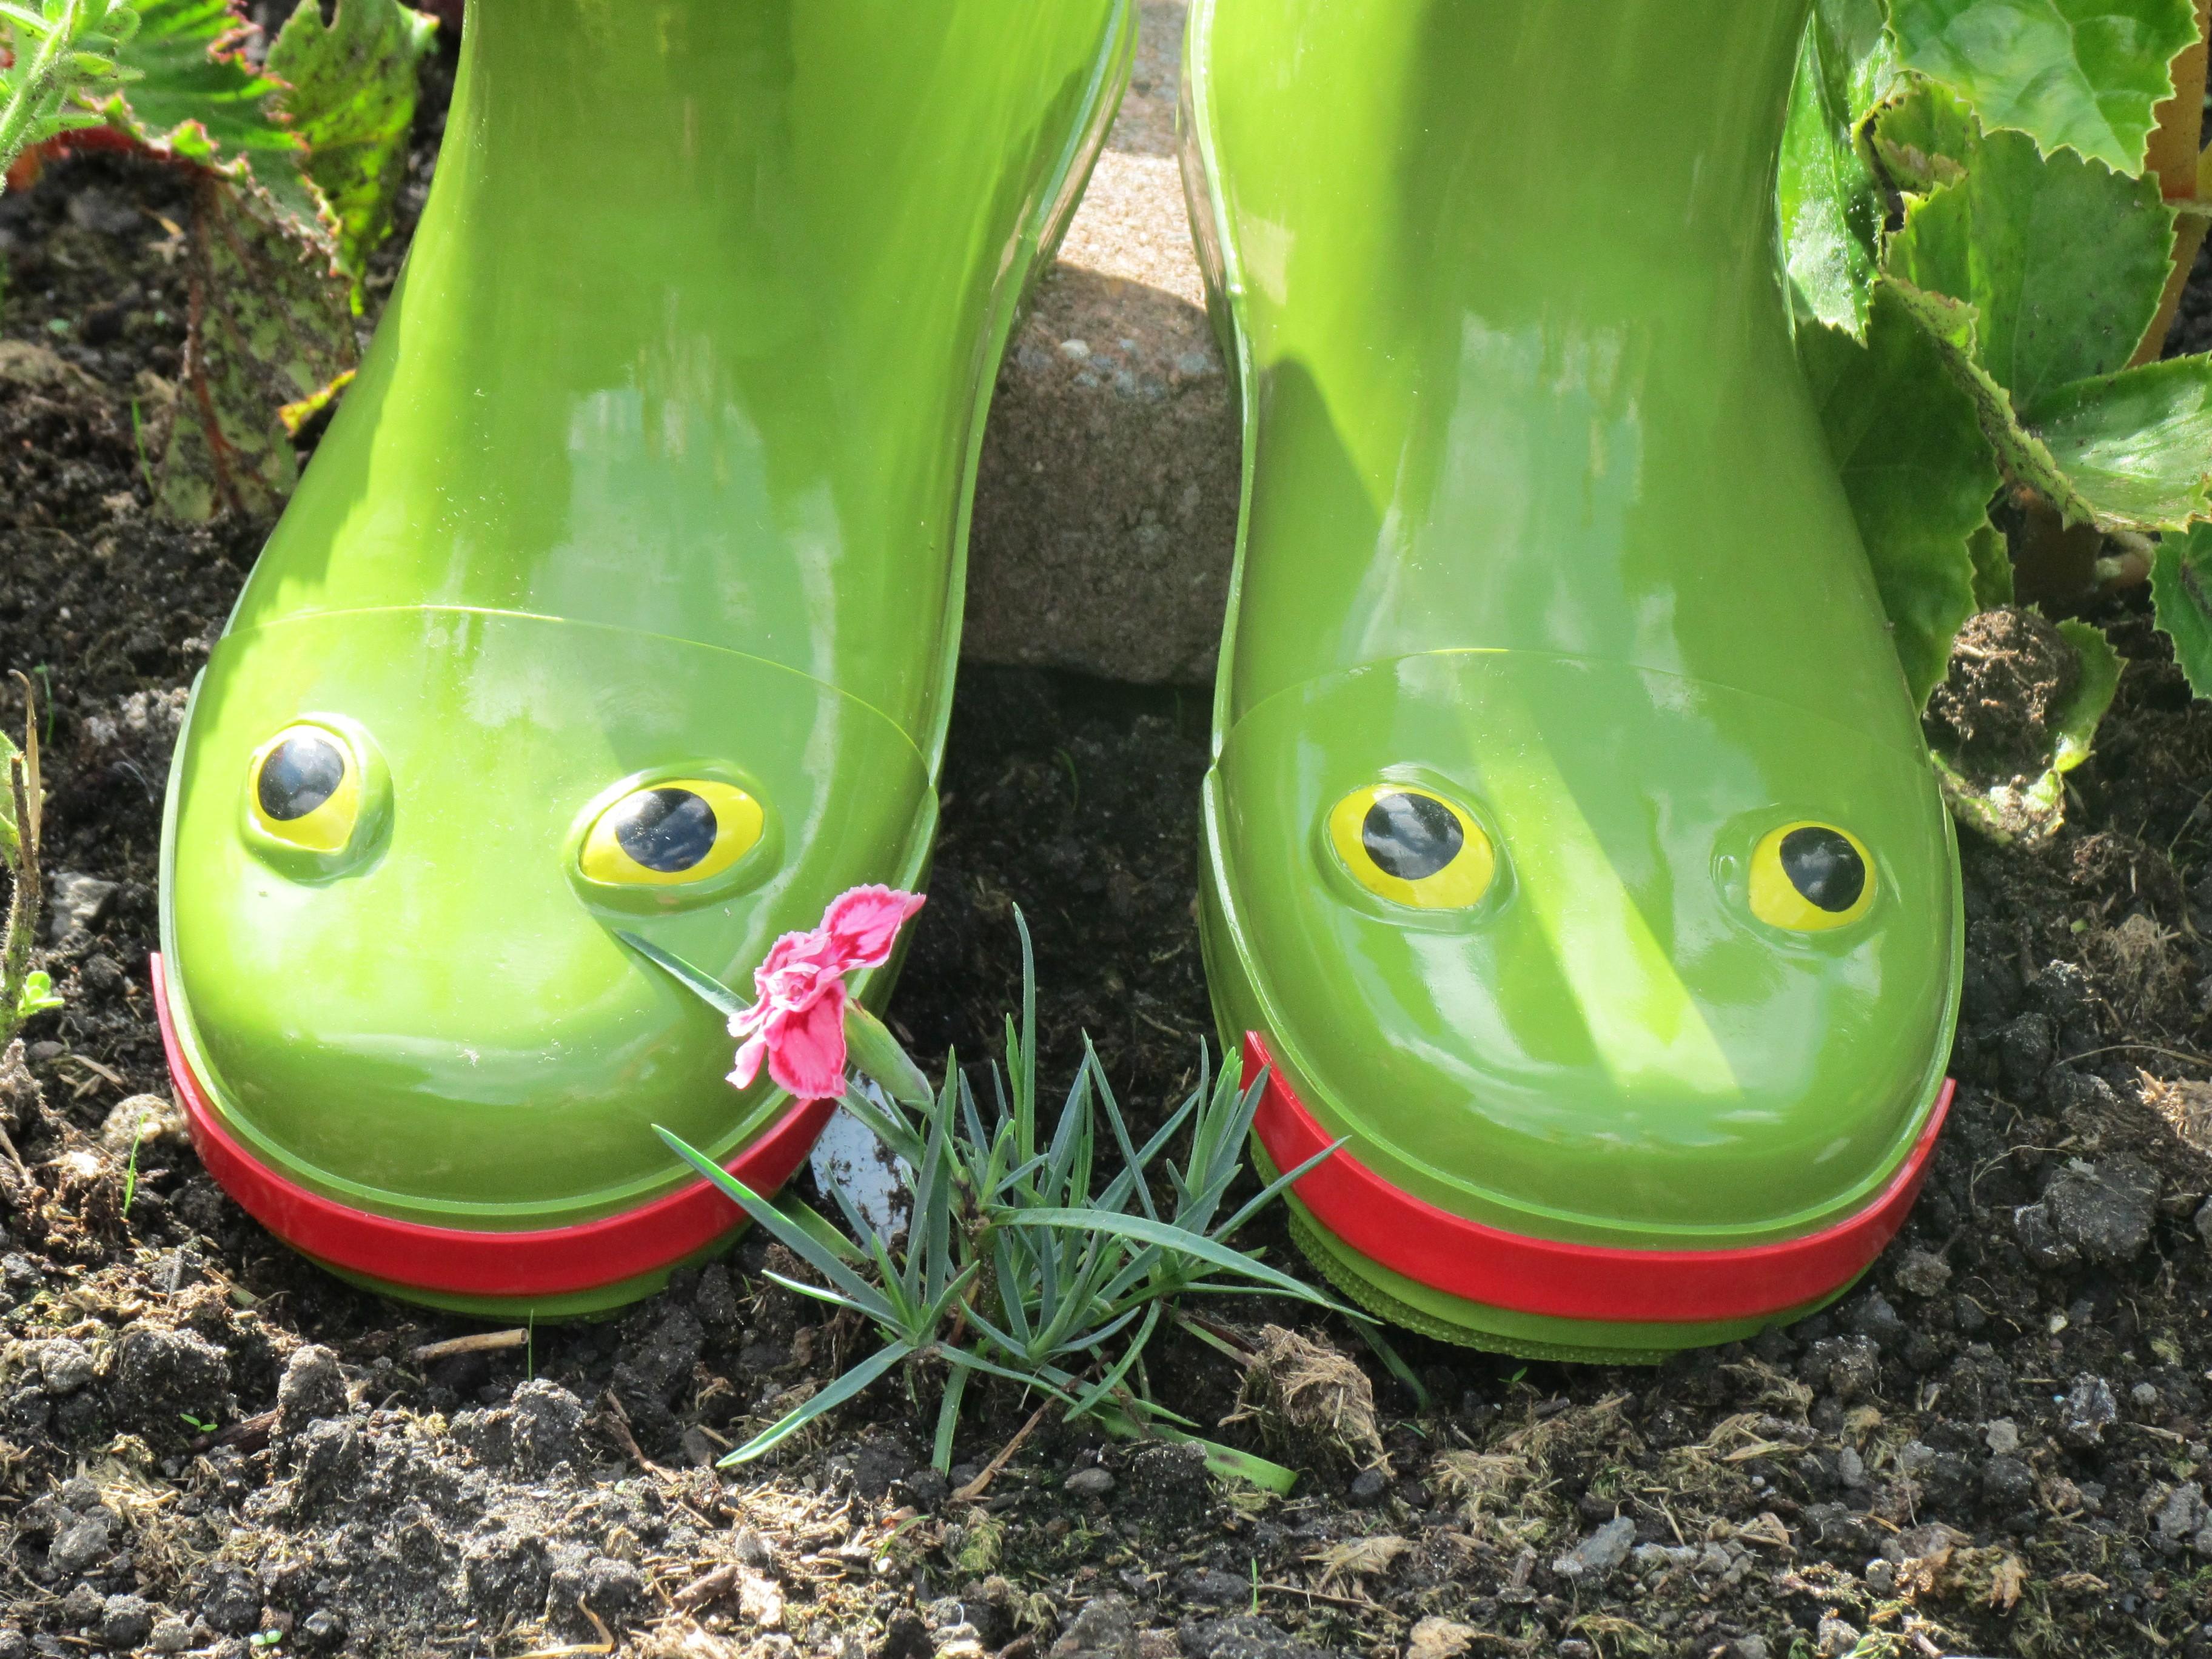 frog_wellies_2.jpg